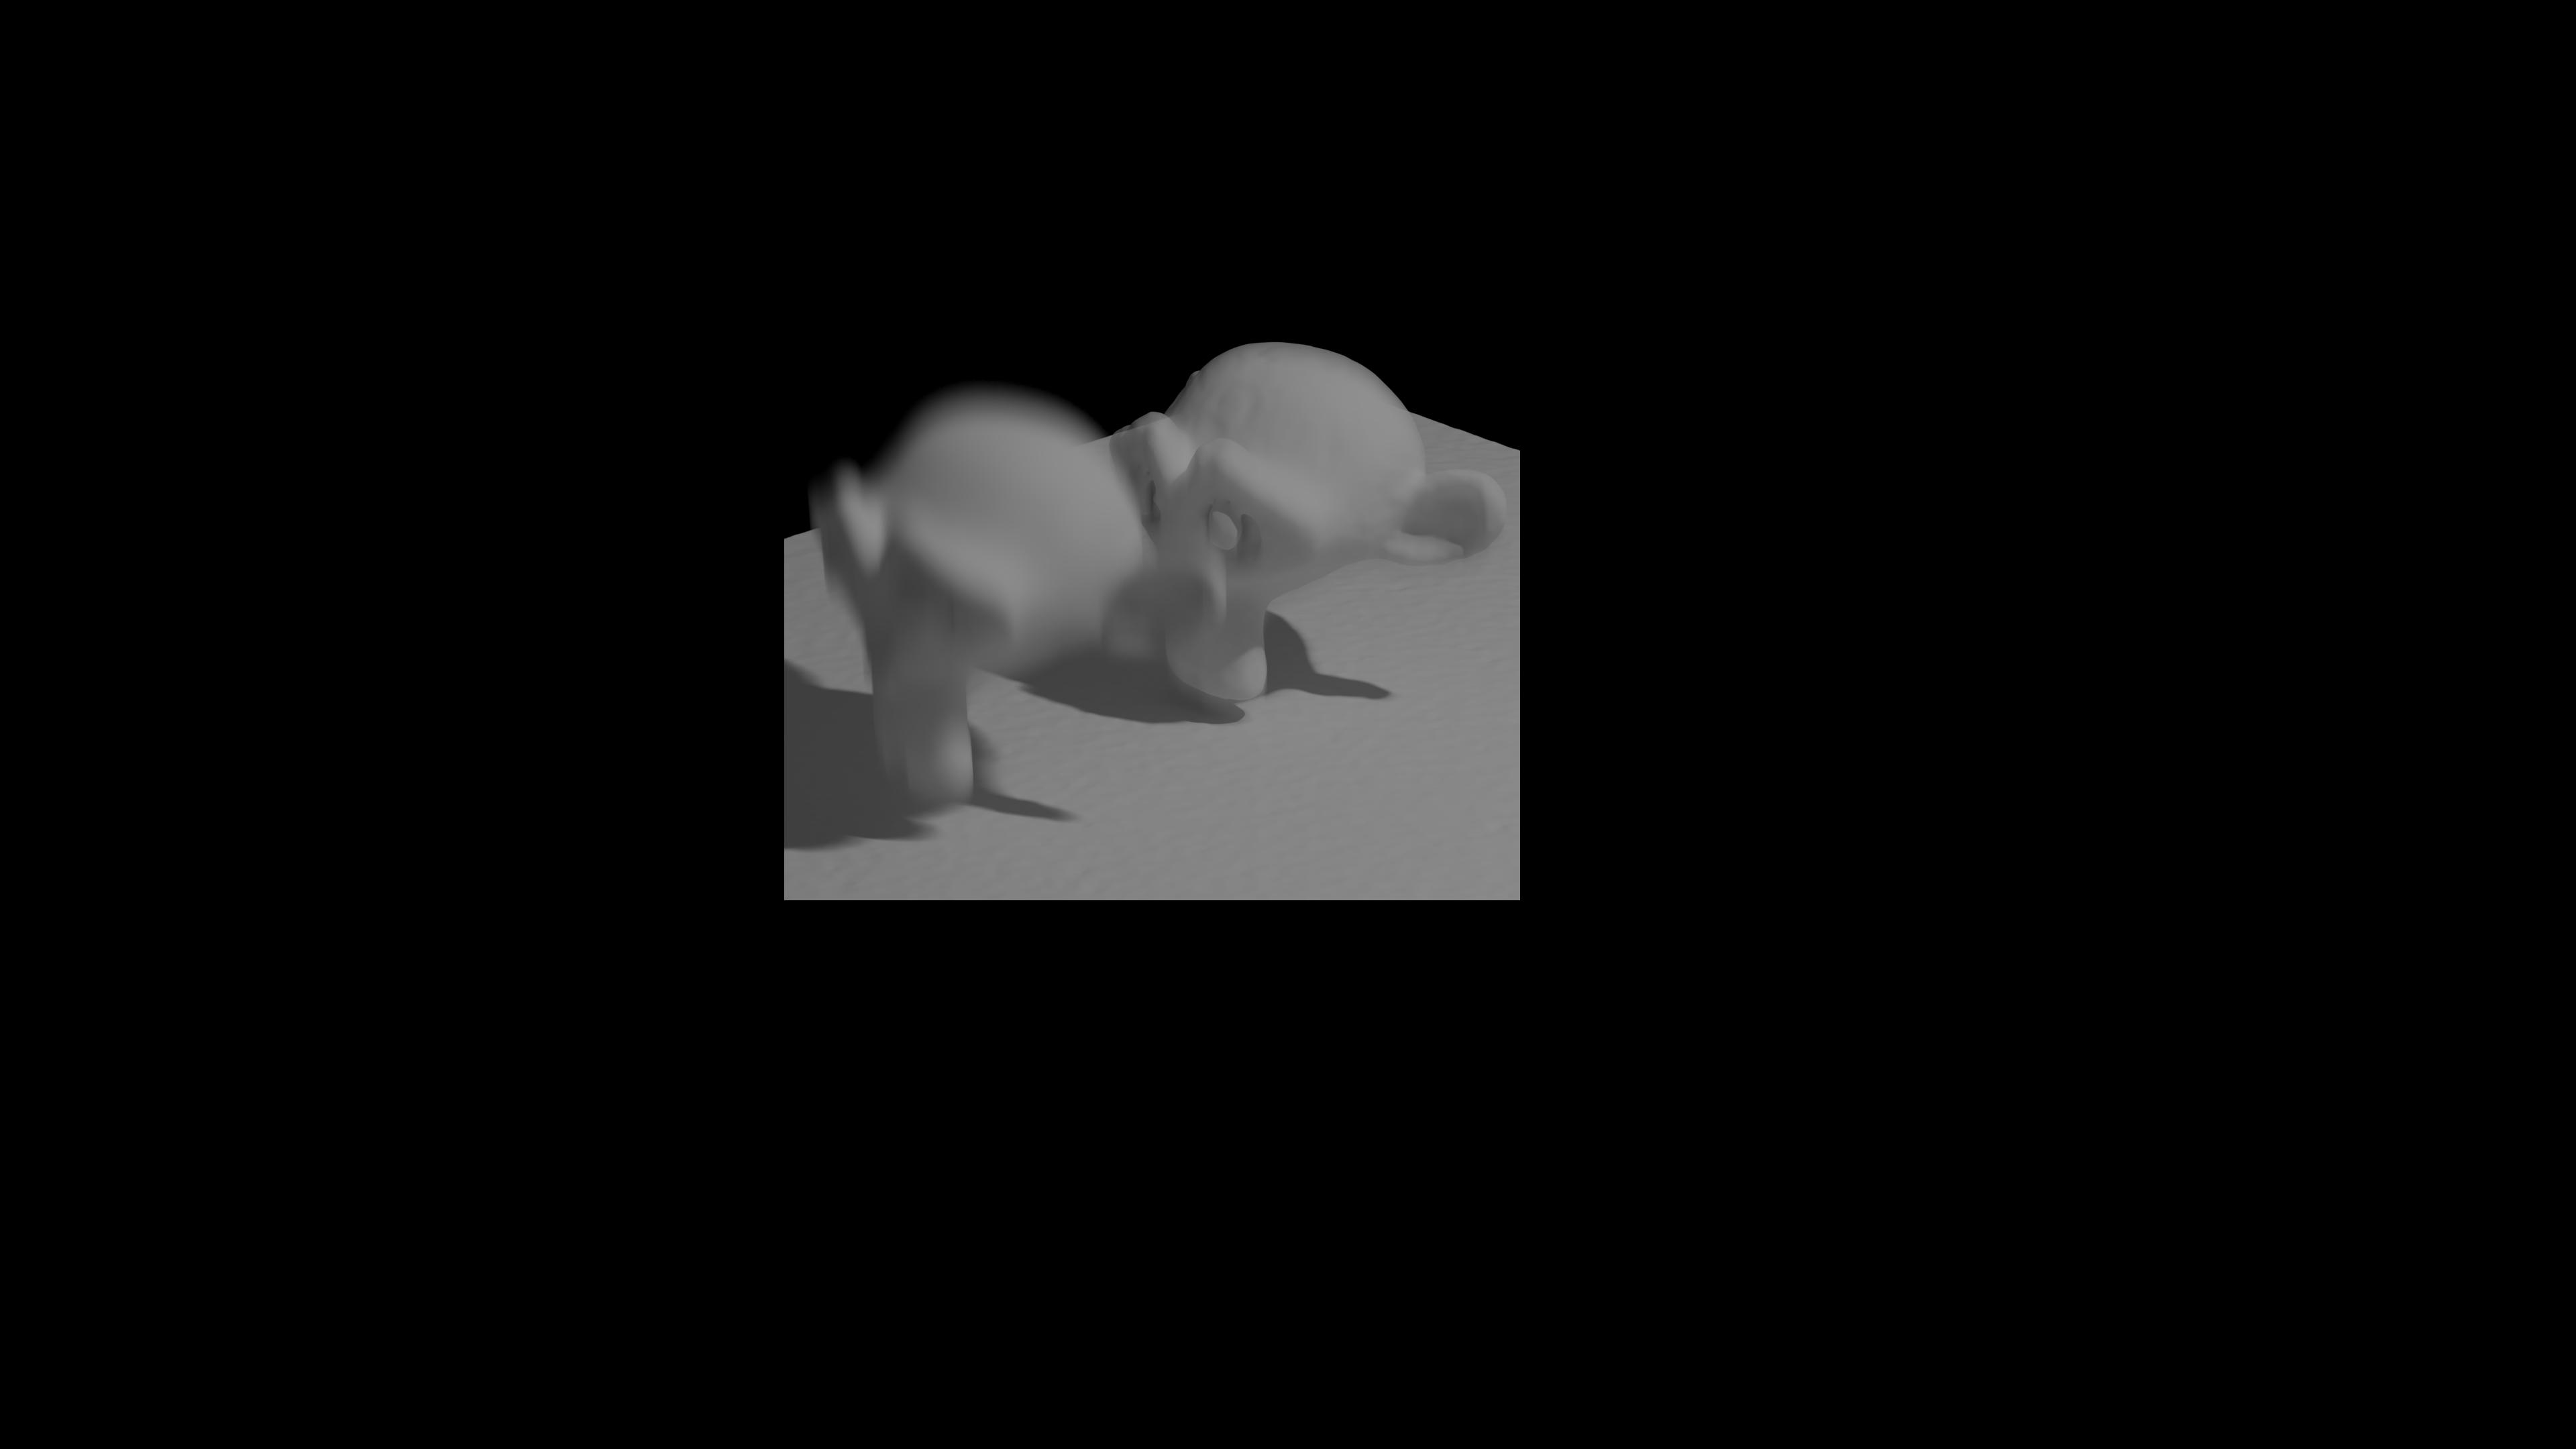 motionblur